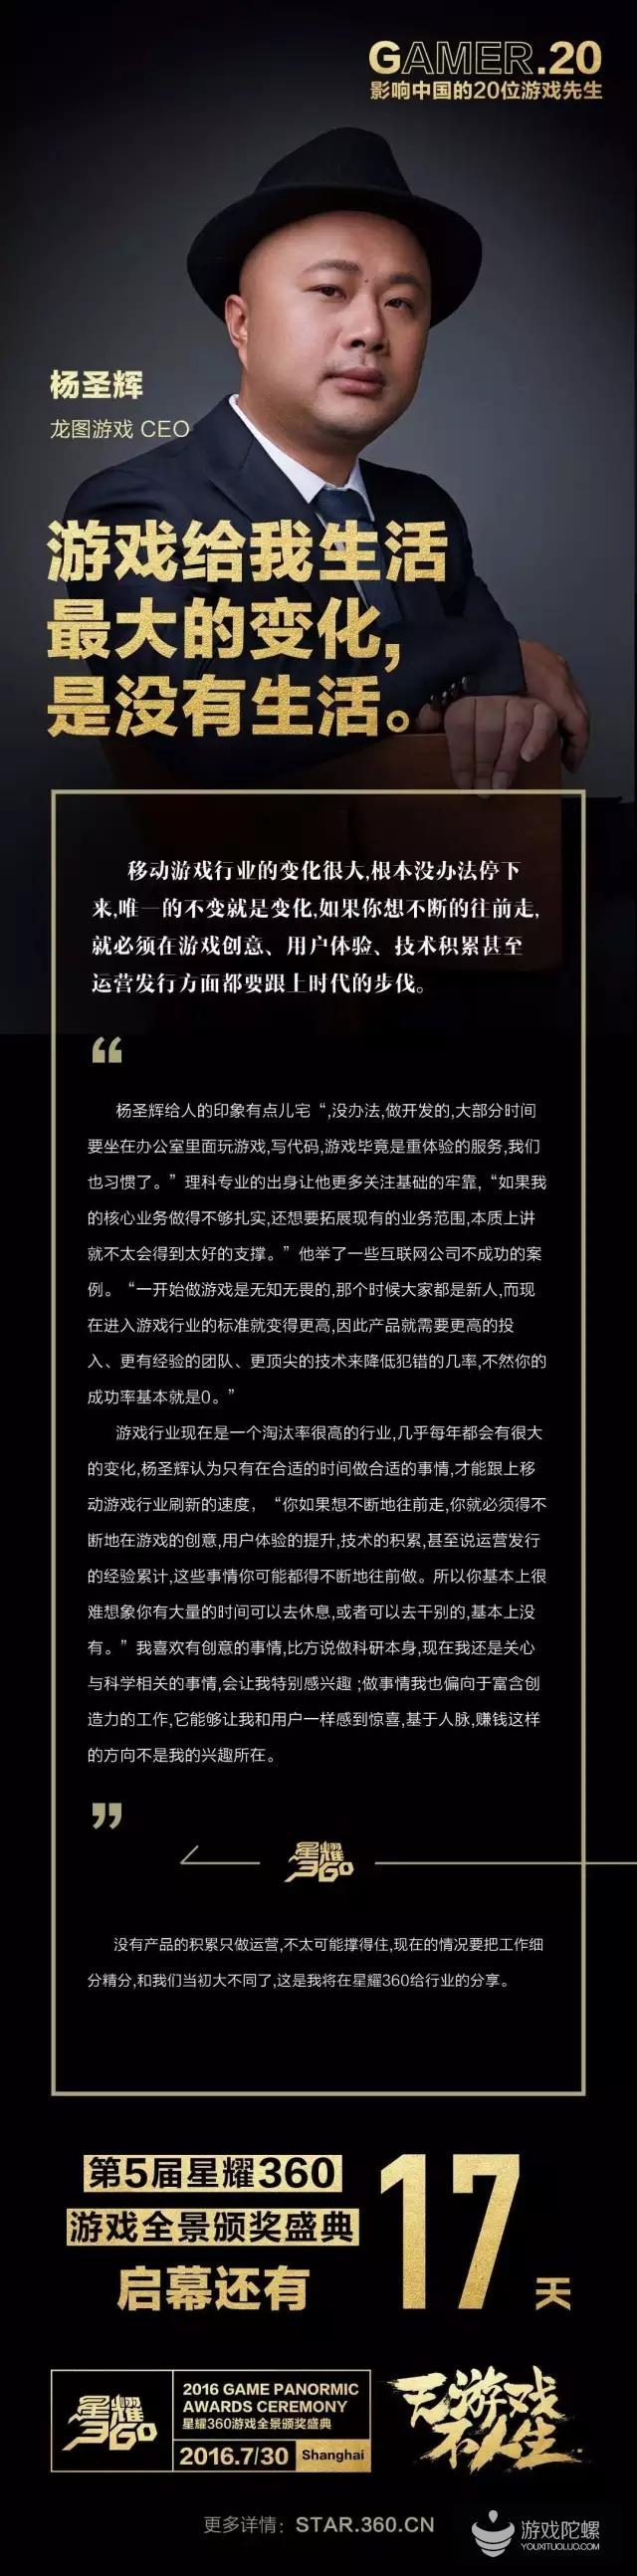 龙图游戏CEO杨圣辉:游戏给我生活最大的变化,是没有生活